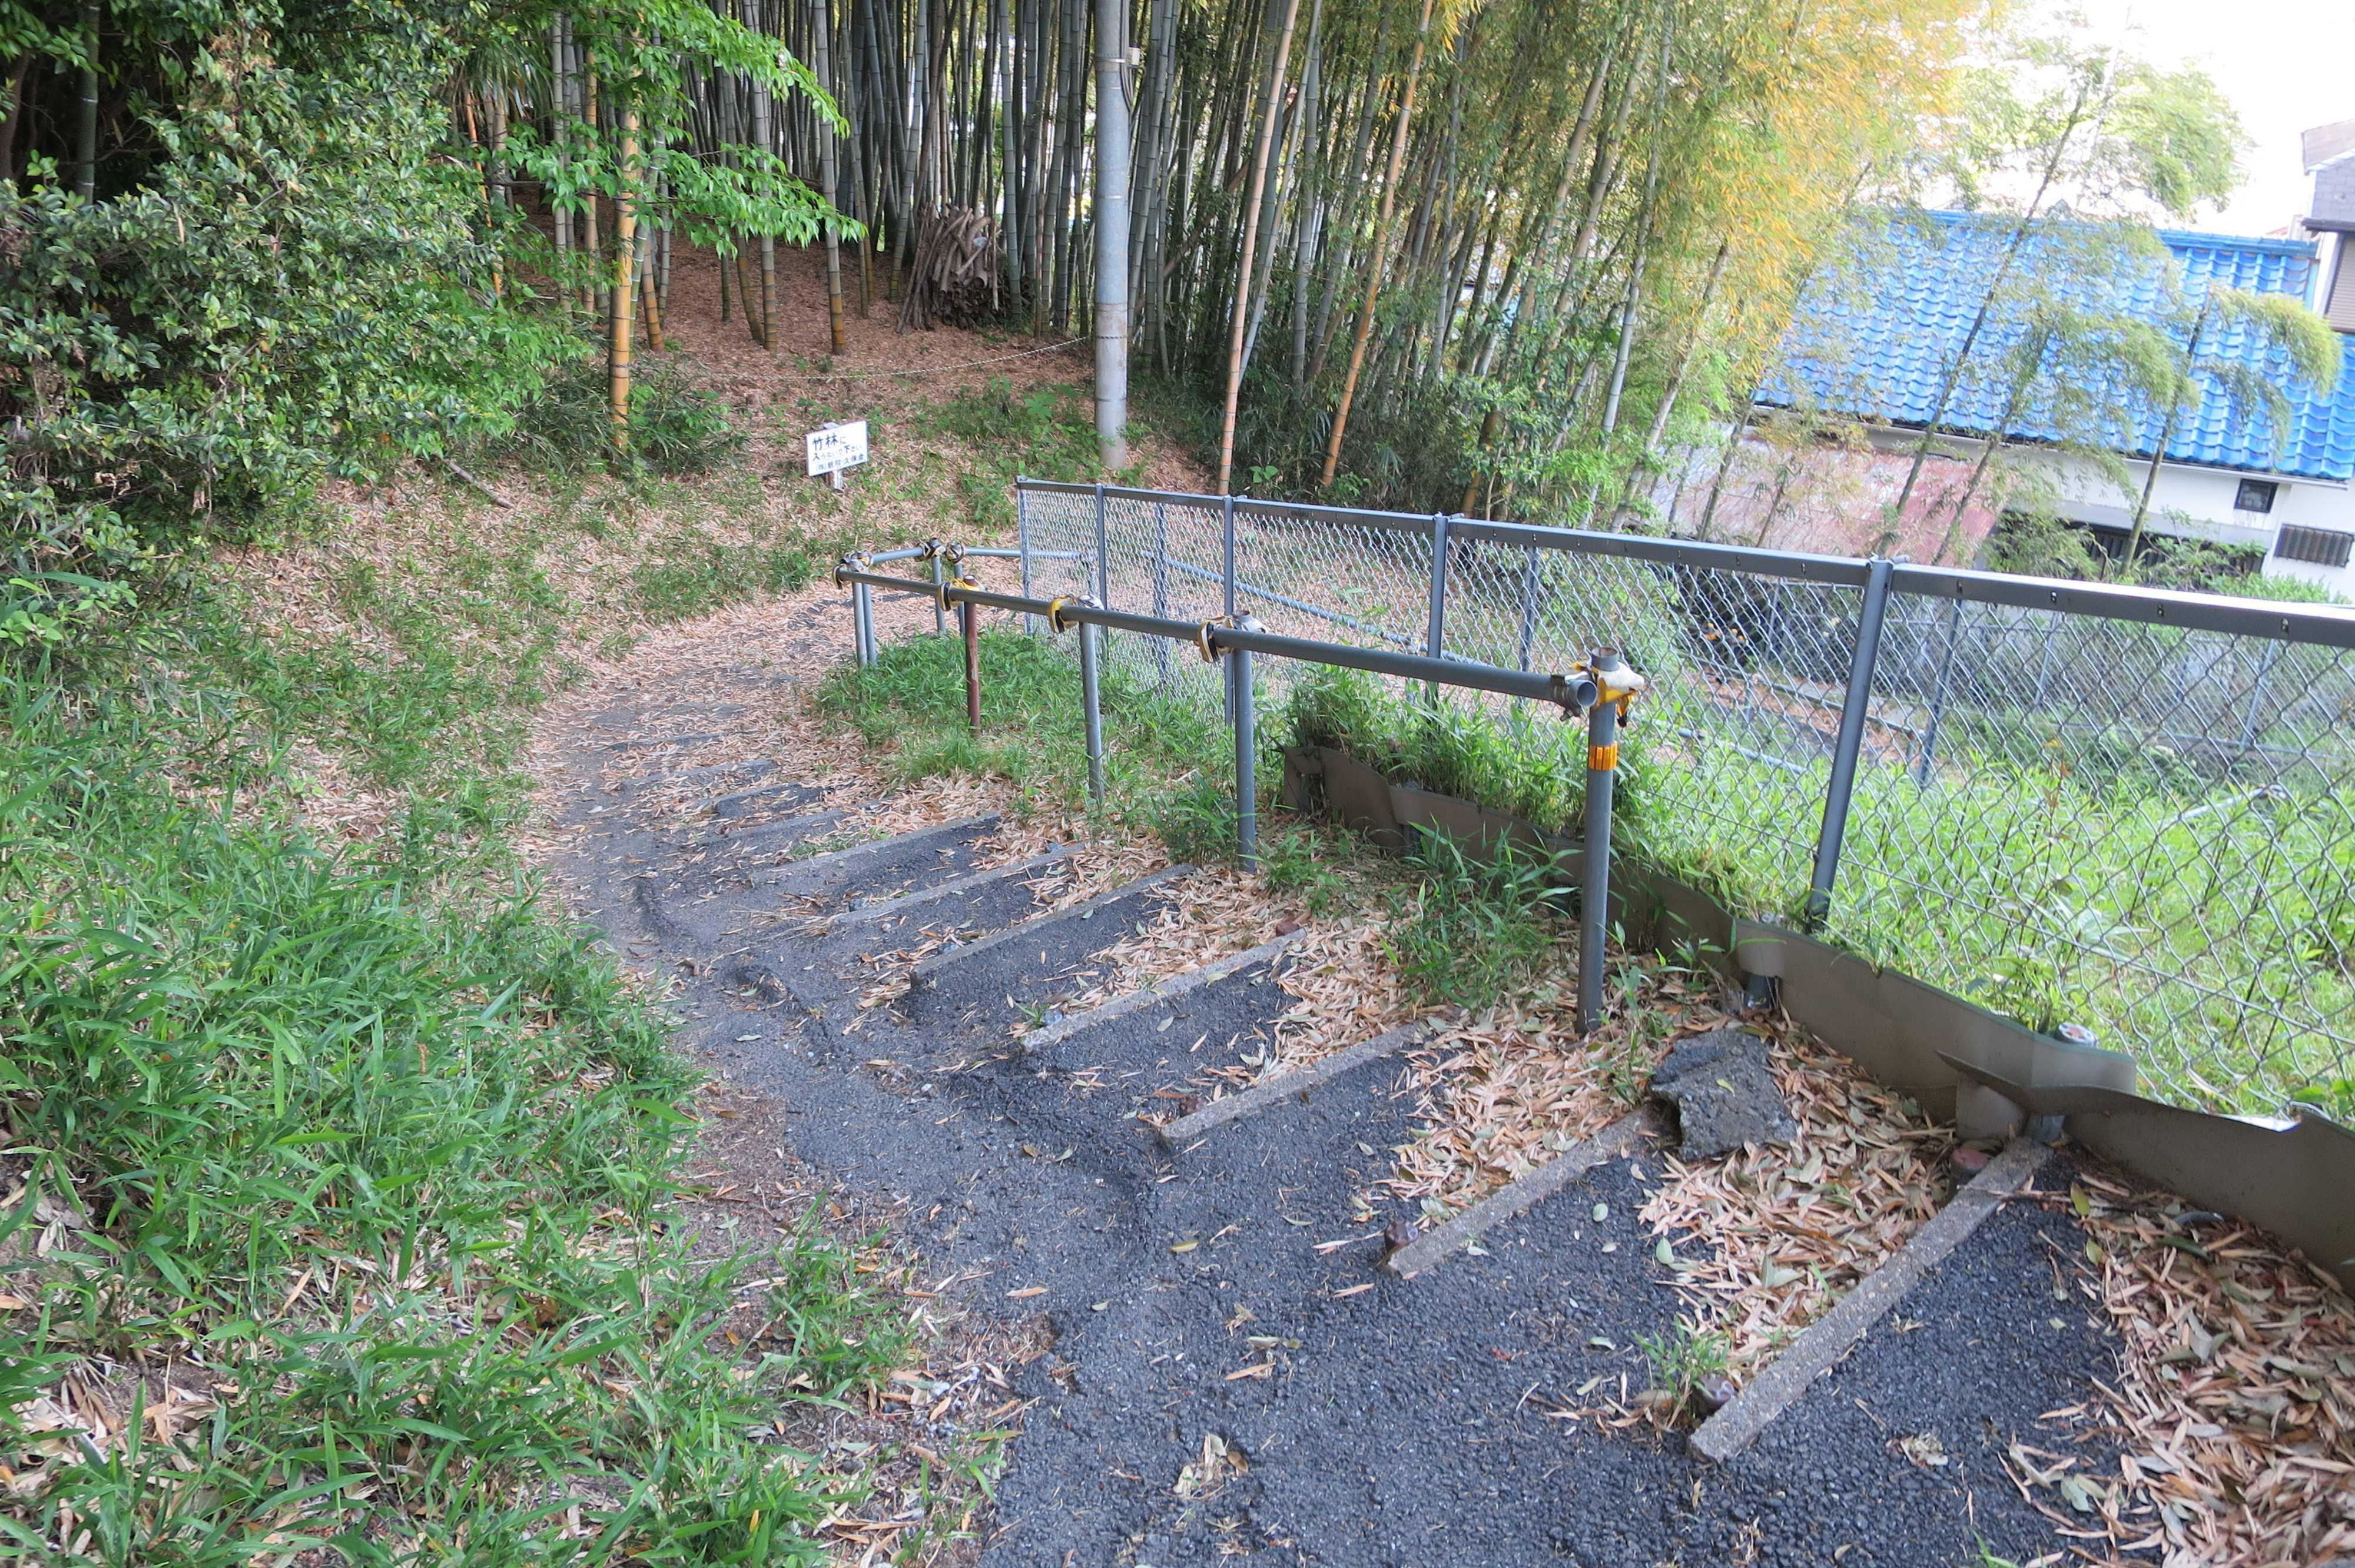 柿生の里散歩道の味がある細い坂道